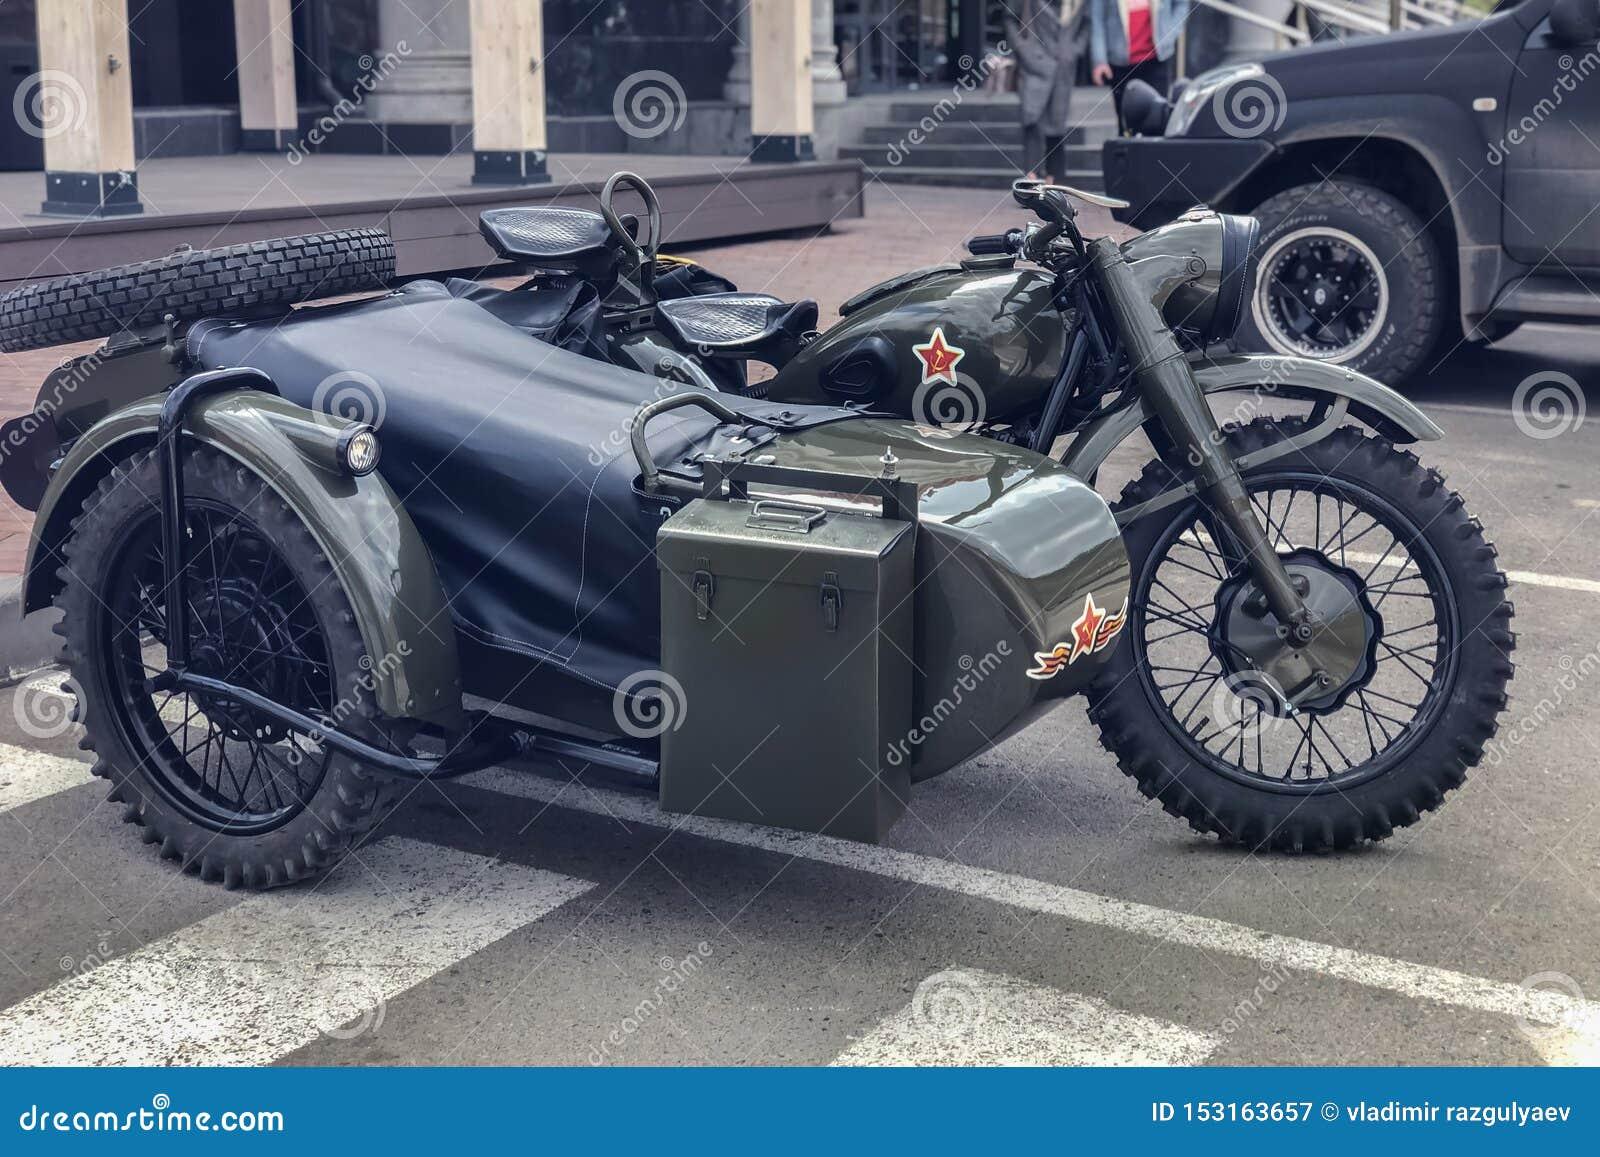 Russische retro kaki motorfiets URAL Moto tijdens de tweede wereldoorlog met Sovjetsymbolen